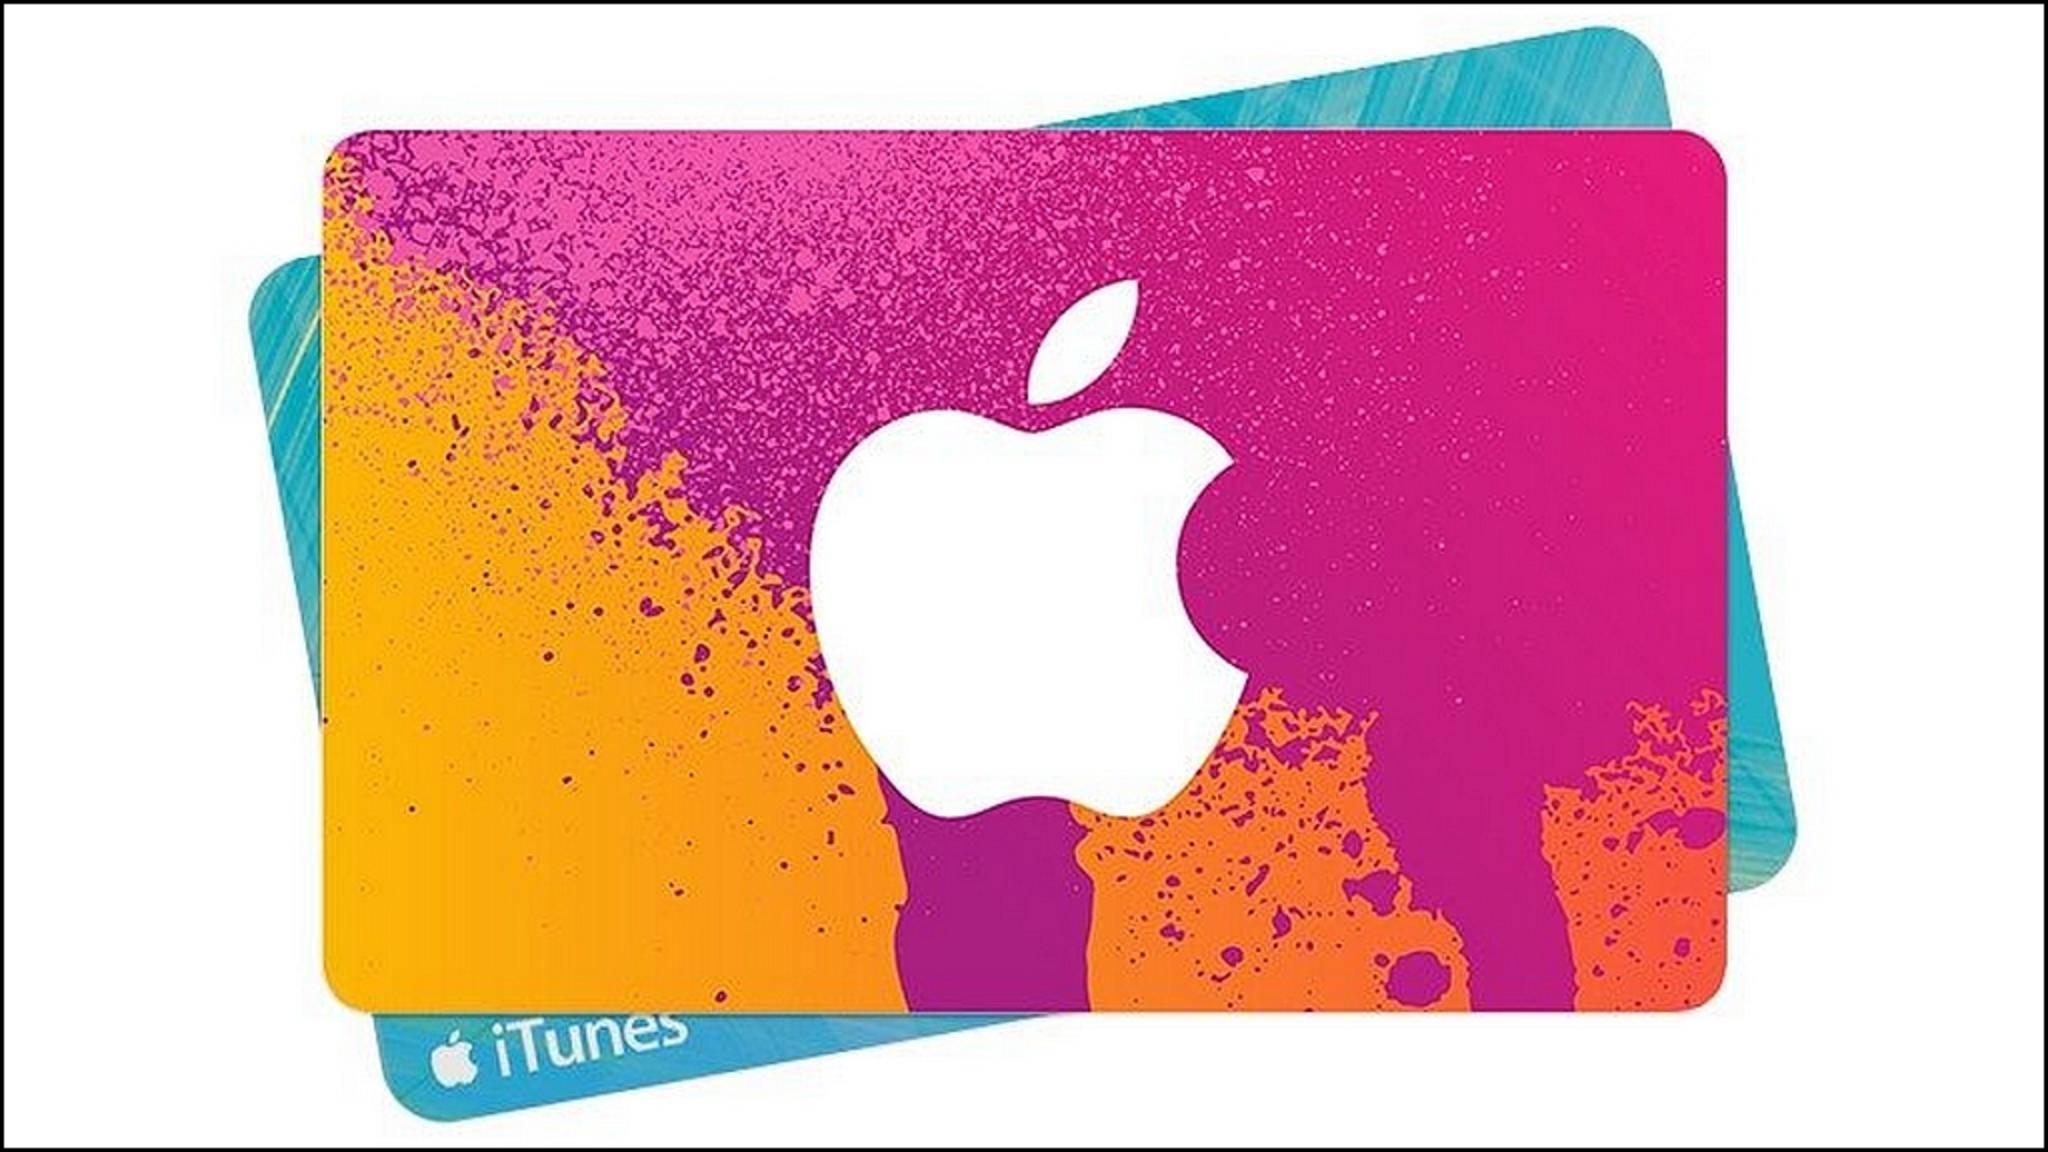 iTunes bringt mit einer neuen Version den App Store zurück.